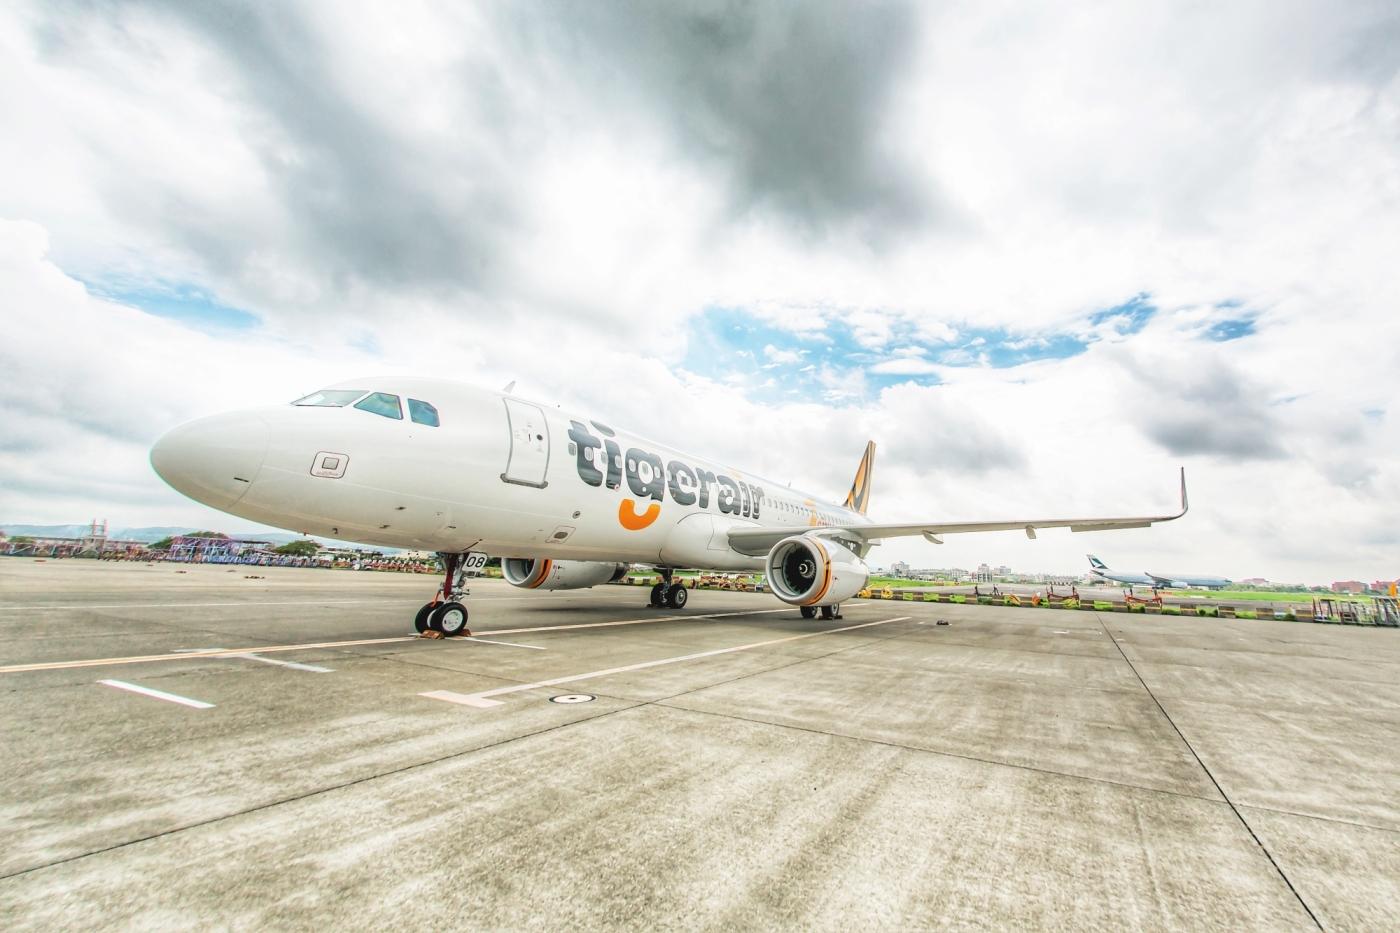 情侶牌失效?倒數兩天銷售僅7成,台灣虎航宣布取消微旅行!仍贈來回機票